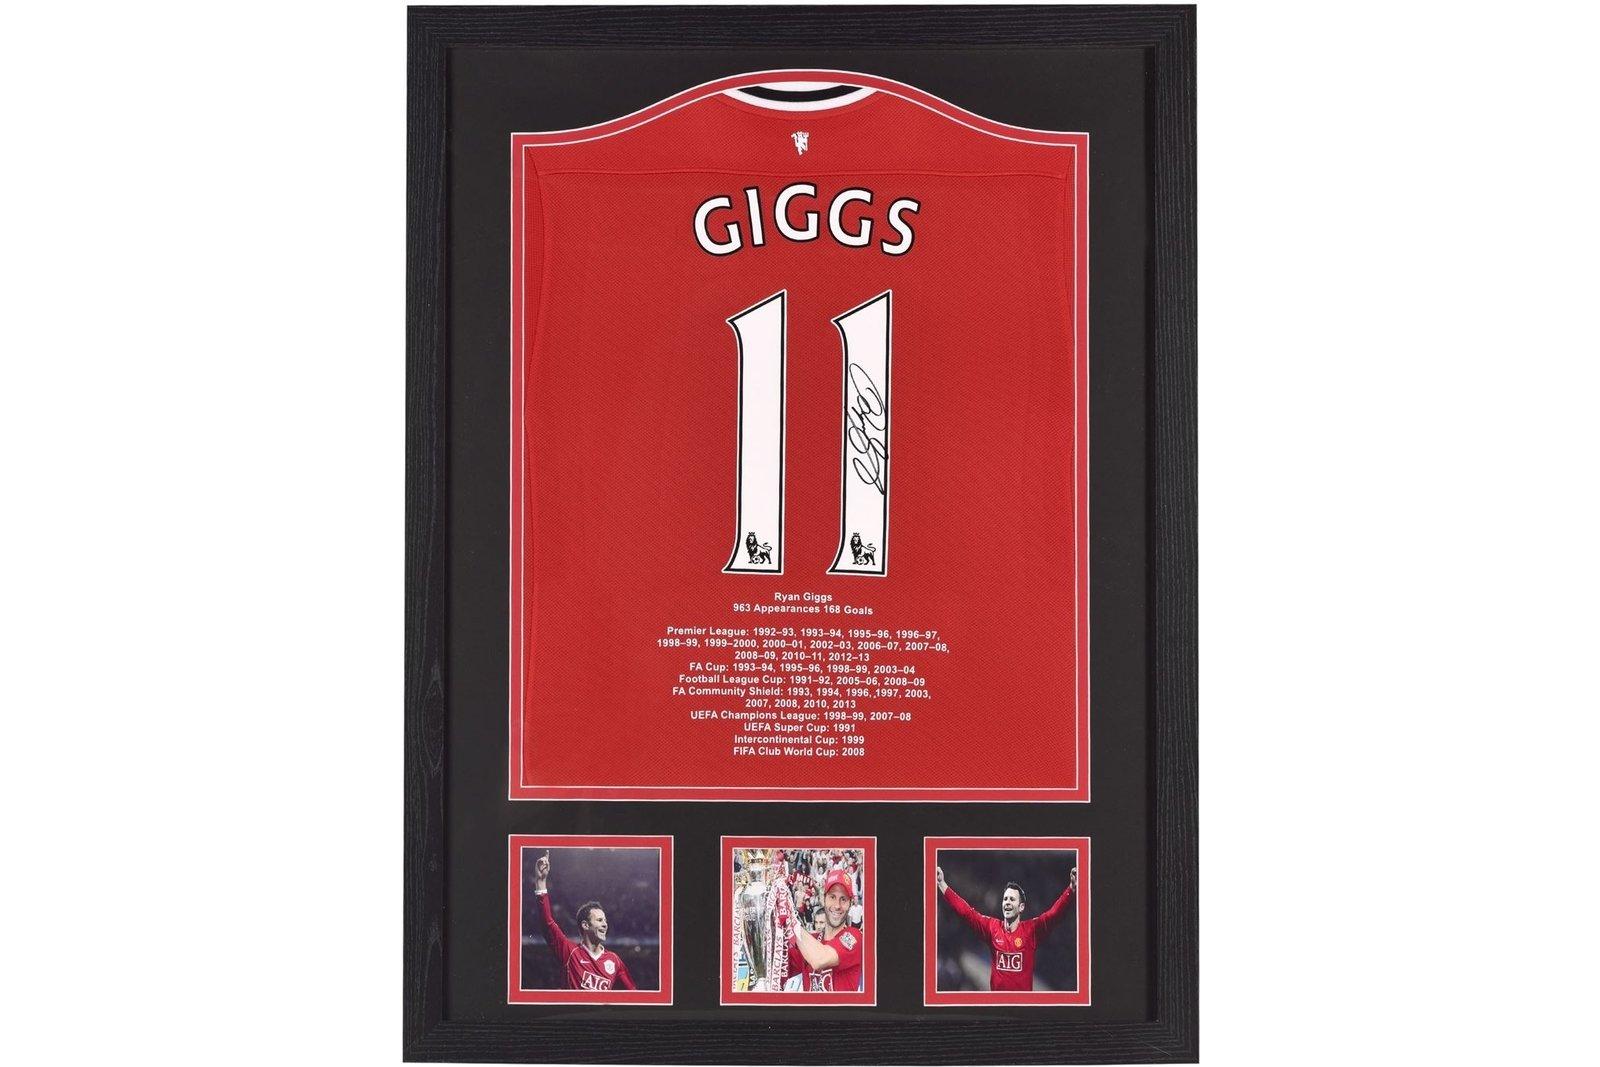 Ryan Giggs Hand Signed Shirt